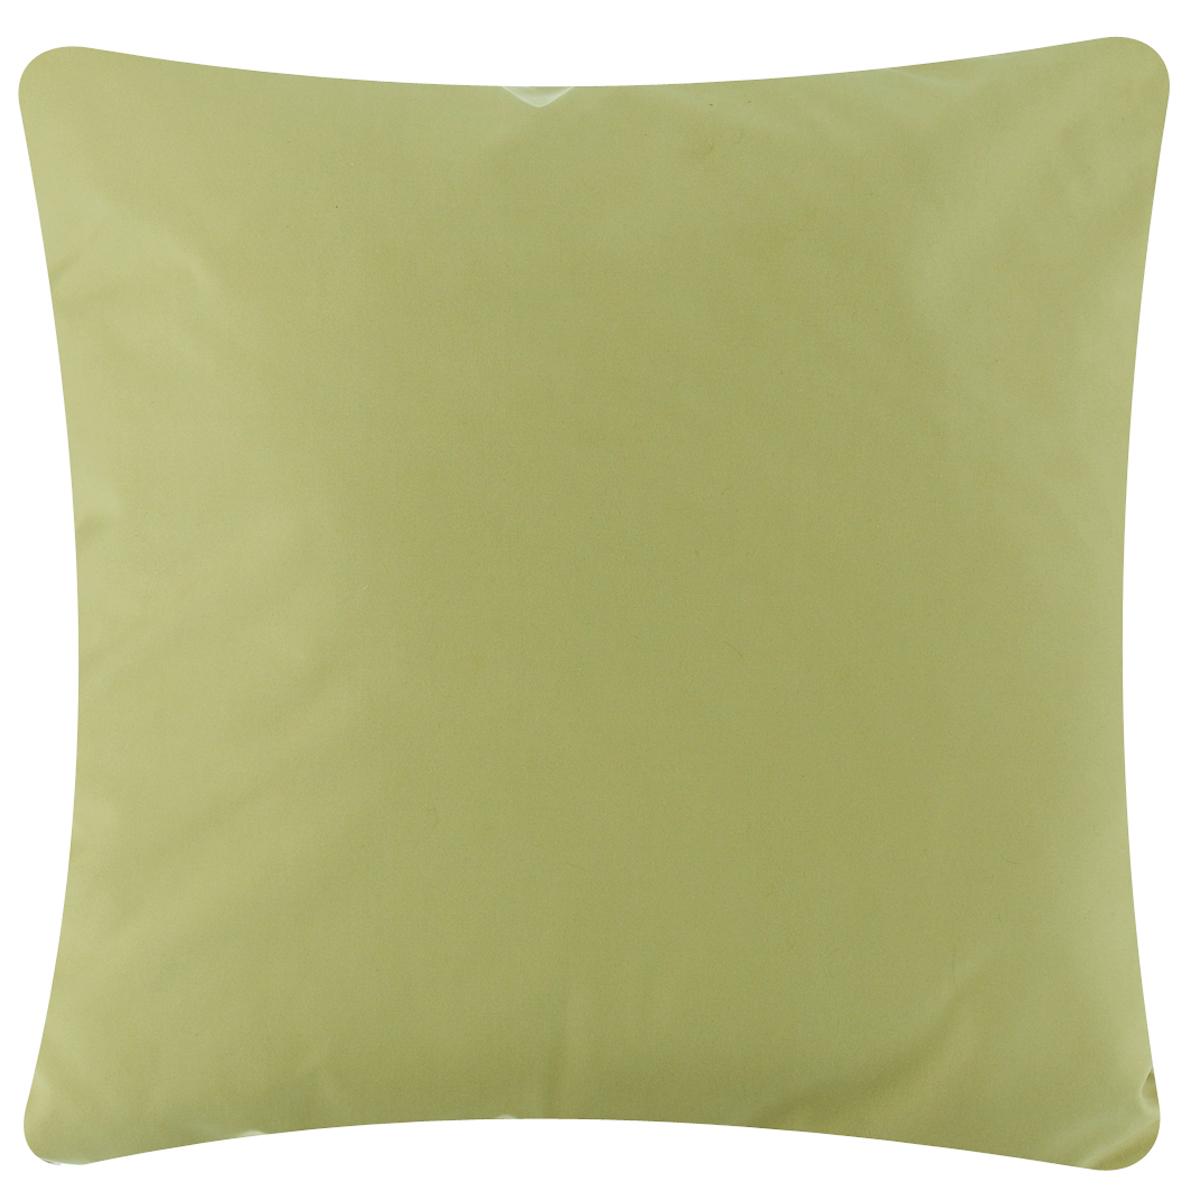 Подушка декоративная Proffi Оливки, 43 х 43 смPH5940Декоративная подушка Proffi Оливки - это яркое украшение вашего дома. Чехол выполнен из приятного на ощупь полиэстера и закрывается на молнию. Внутри - мягкий наполнитель, изготовленный из синтепона. Лицевая сторона подушки одного цвета, задняя - другого. Стильная и яркая подушка эффектно украсит интерьер и добавит в привычную обстановку изысканность и роскошь.